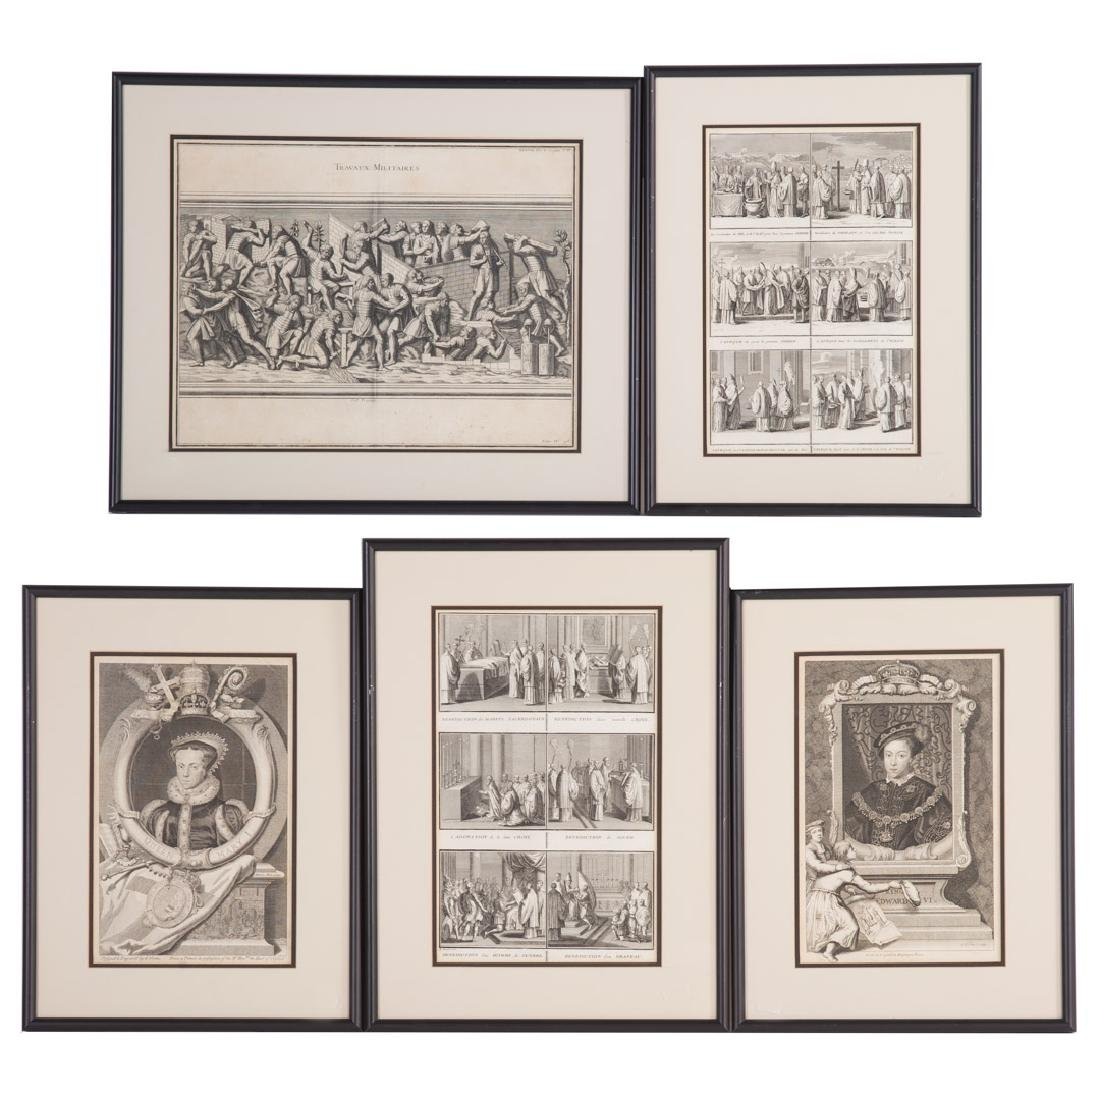 2 George Vertue Engravings & 3 French Engravings